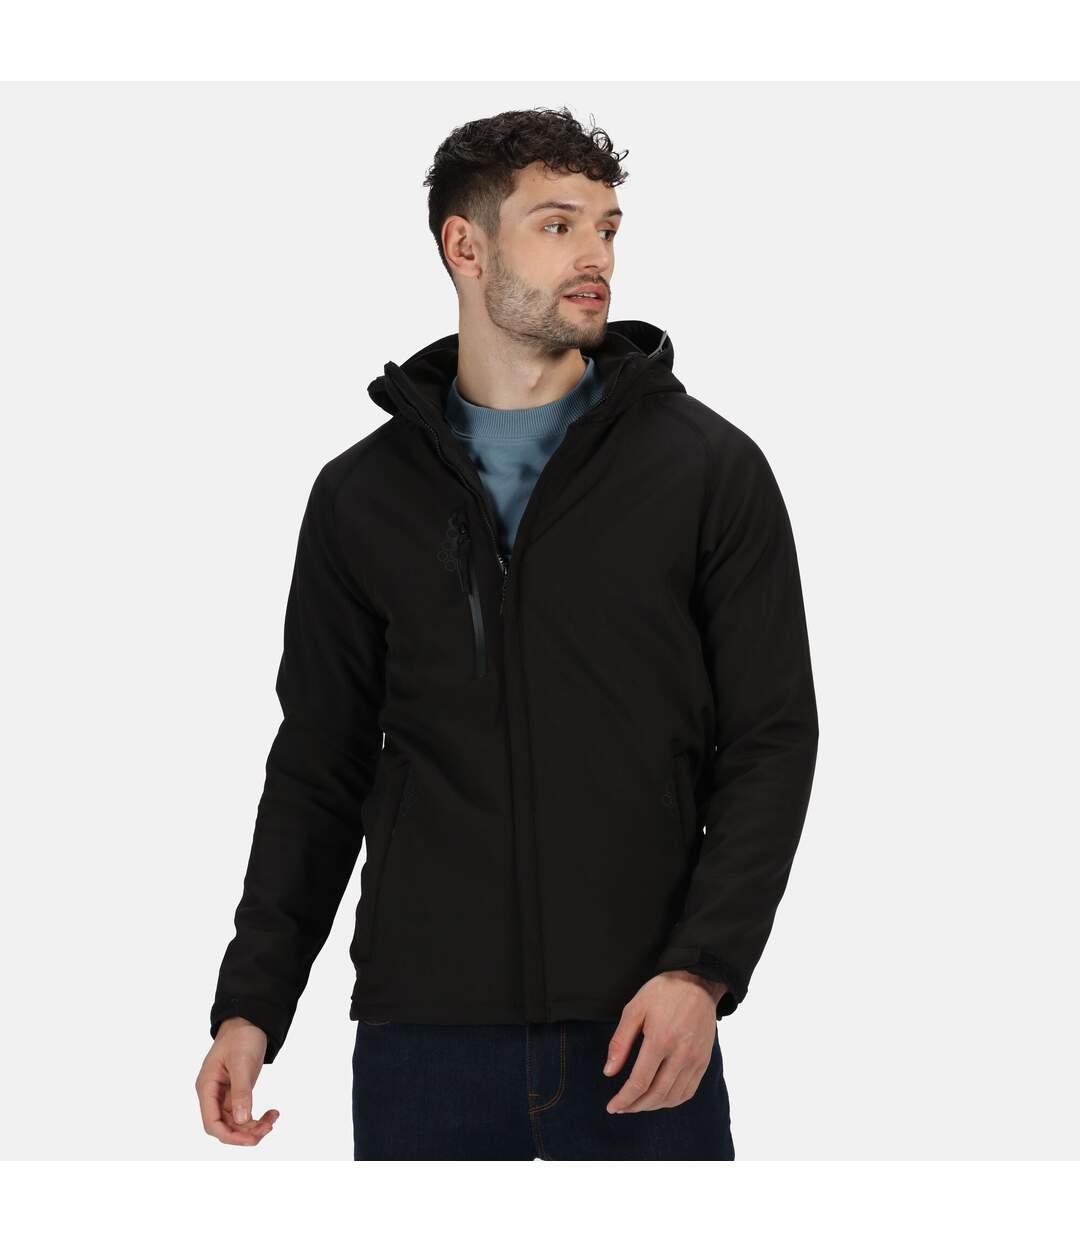 Regatta Mens Repeller X-Pro Softshell Jacket (Black) - UTRG1526